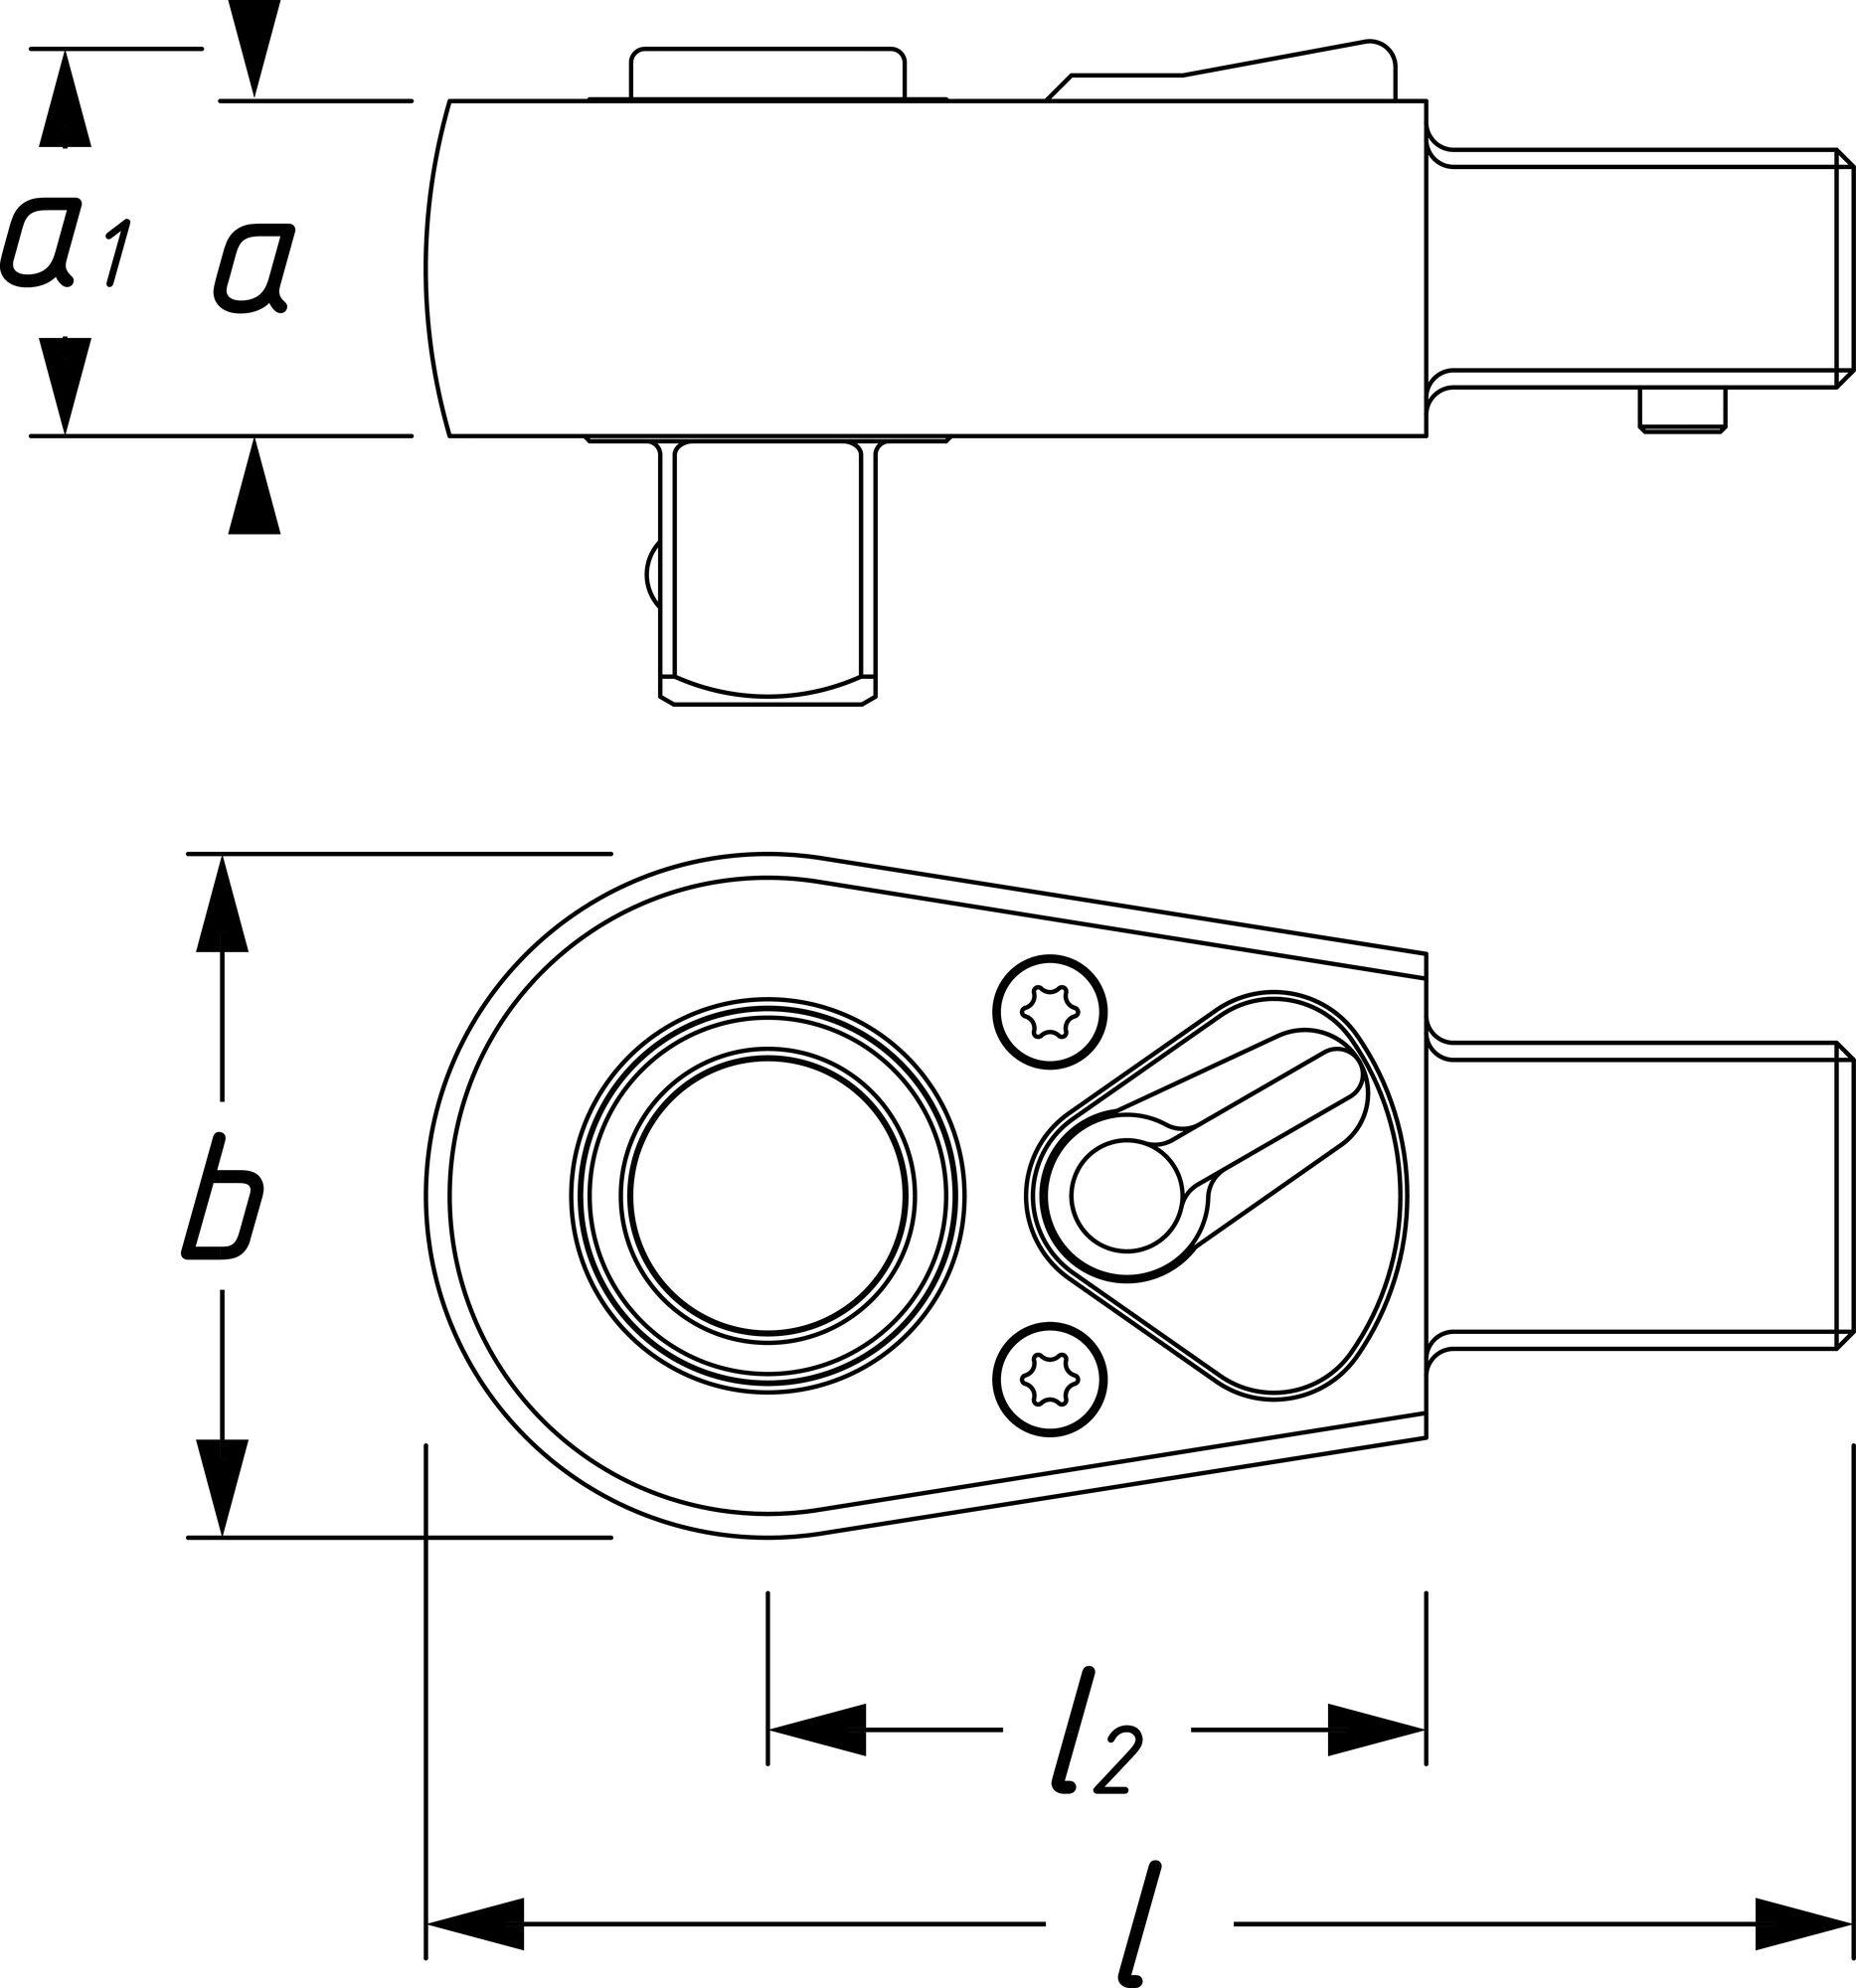 HAZET Einsteck-Umschaltknarre 6404-1S ∙ Einsteck-Vierkant 14 x 18 mm ∙ Vierkant massiv 12,5 mm (1/2 Zoll)